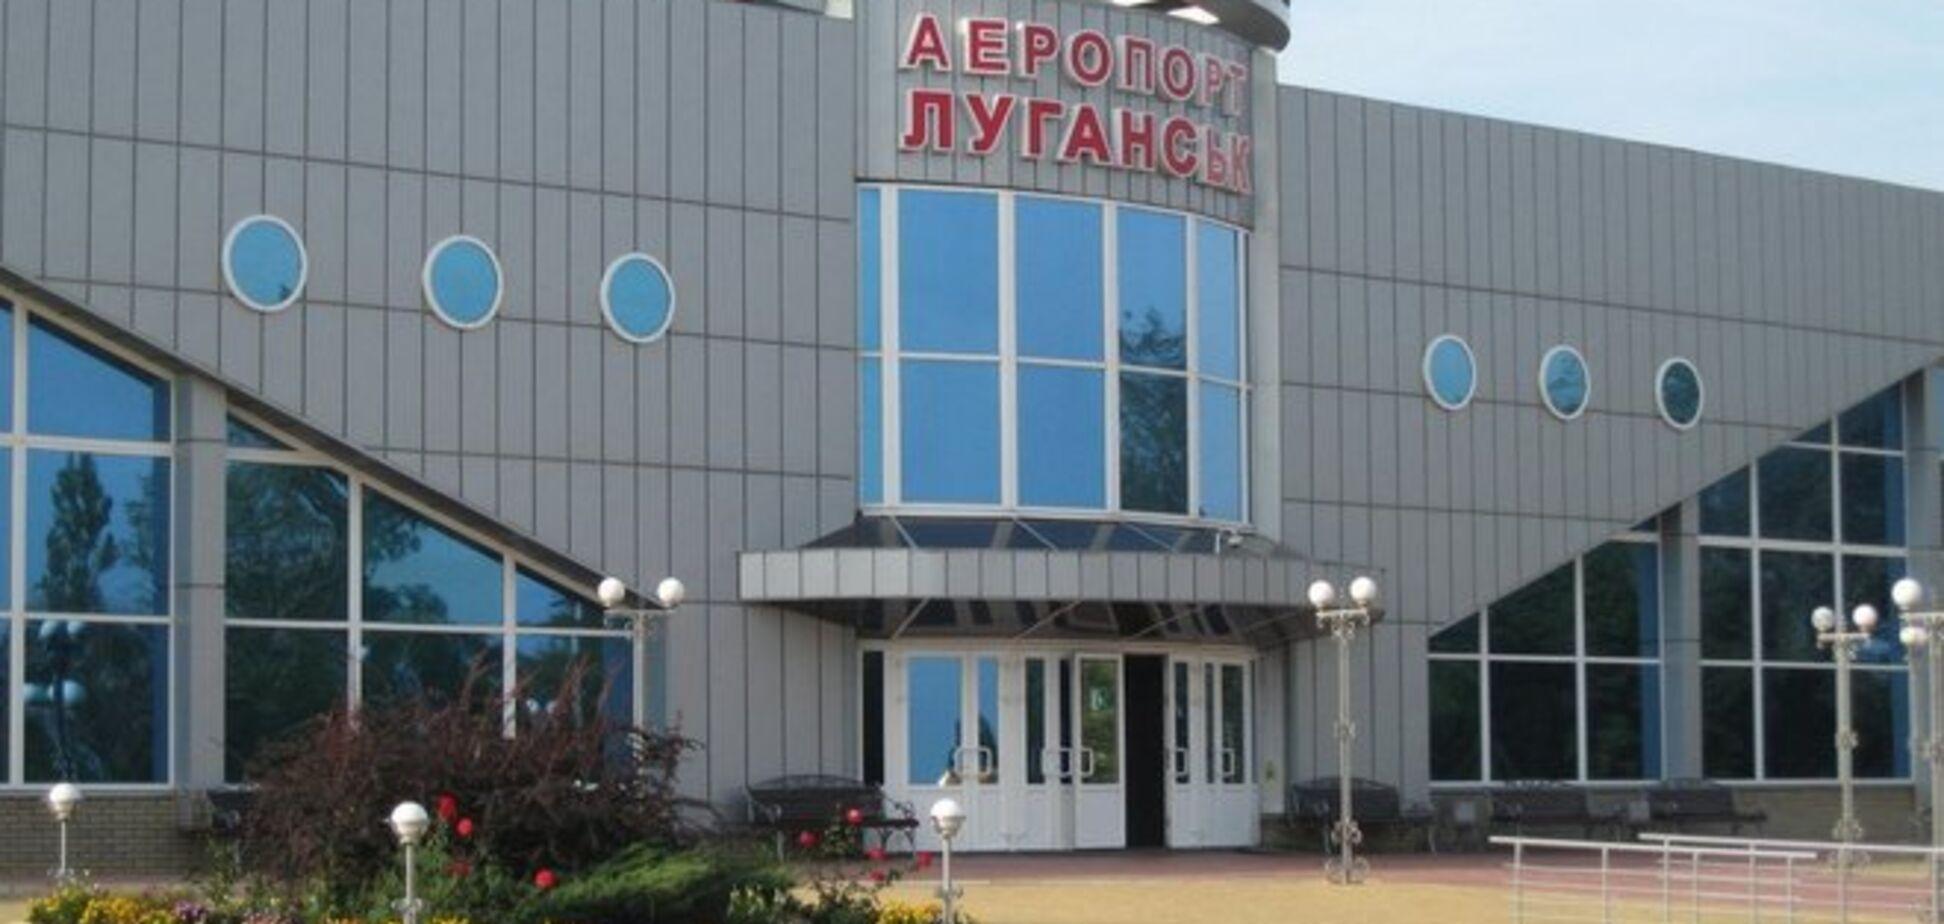 Террористы выпустили по аэропорту 'Луганск' 12 мин